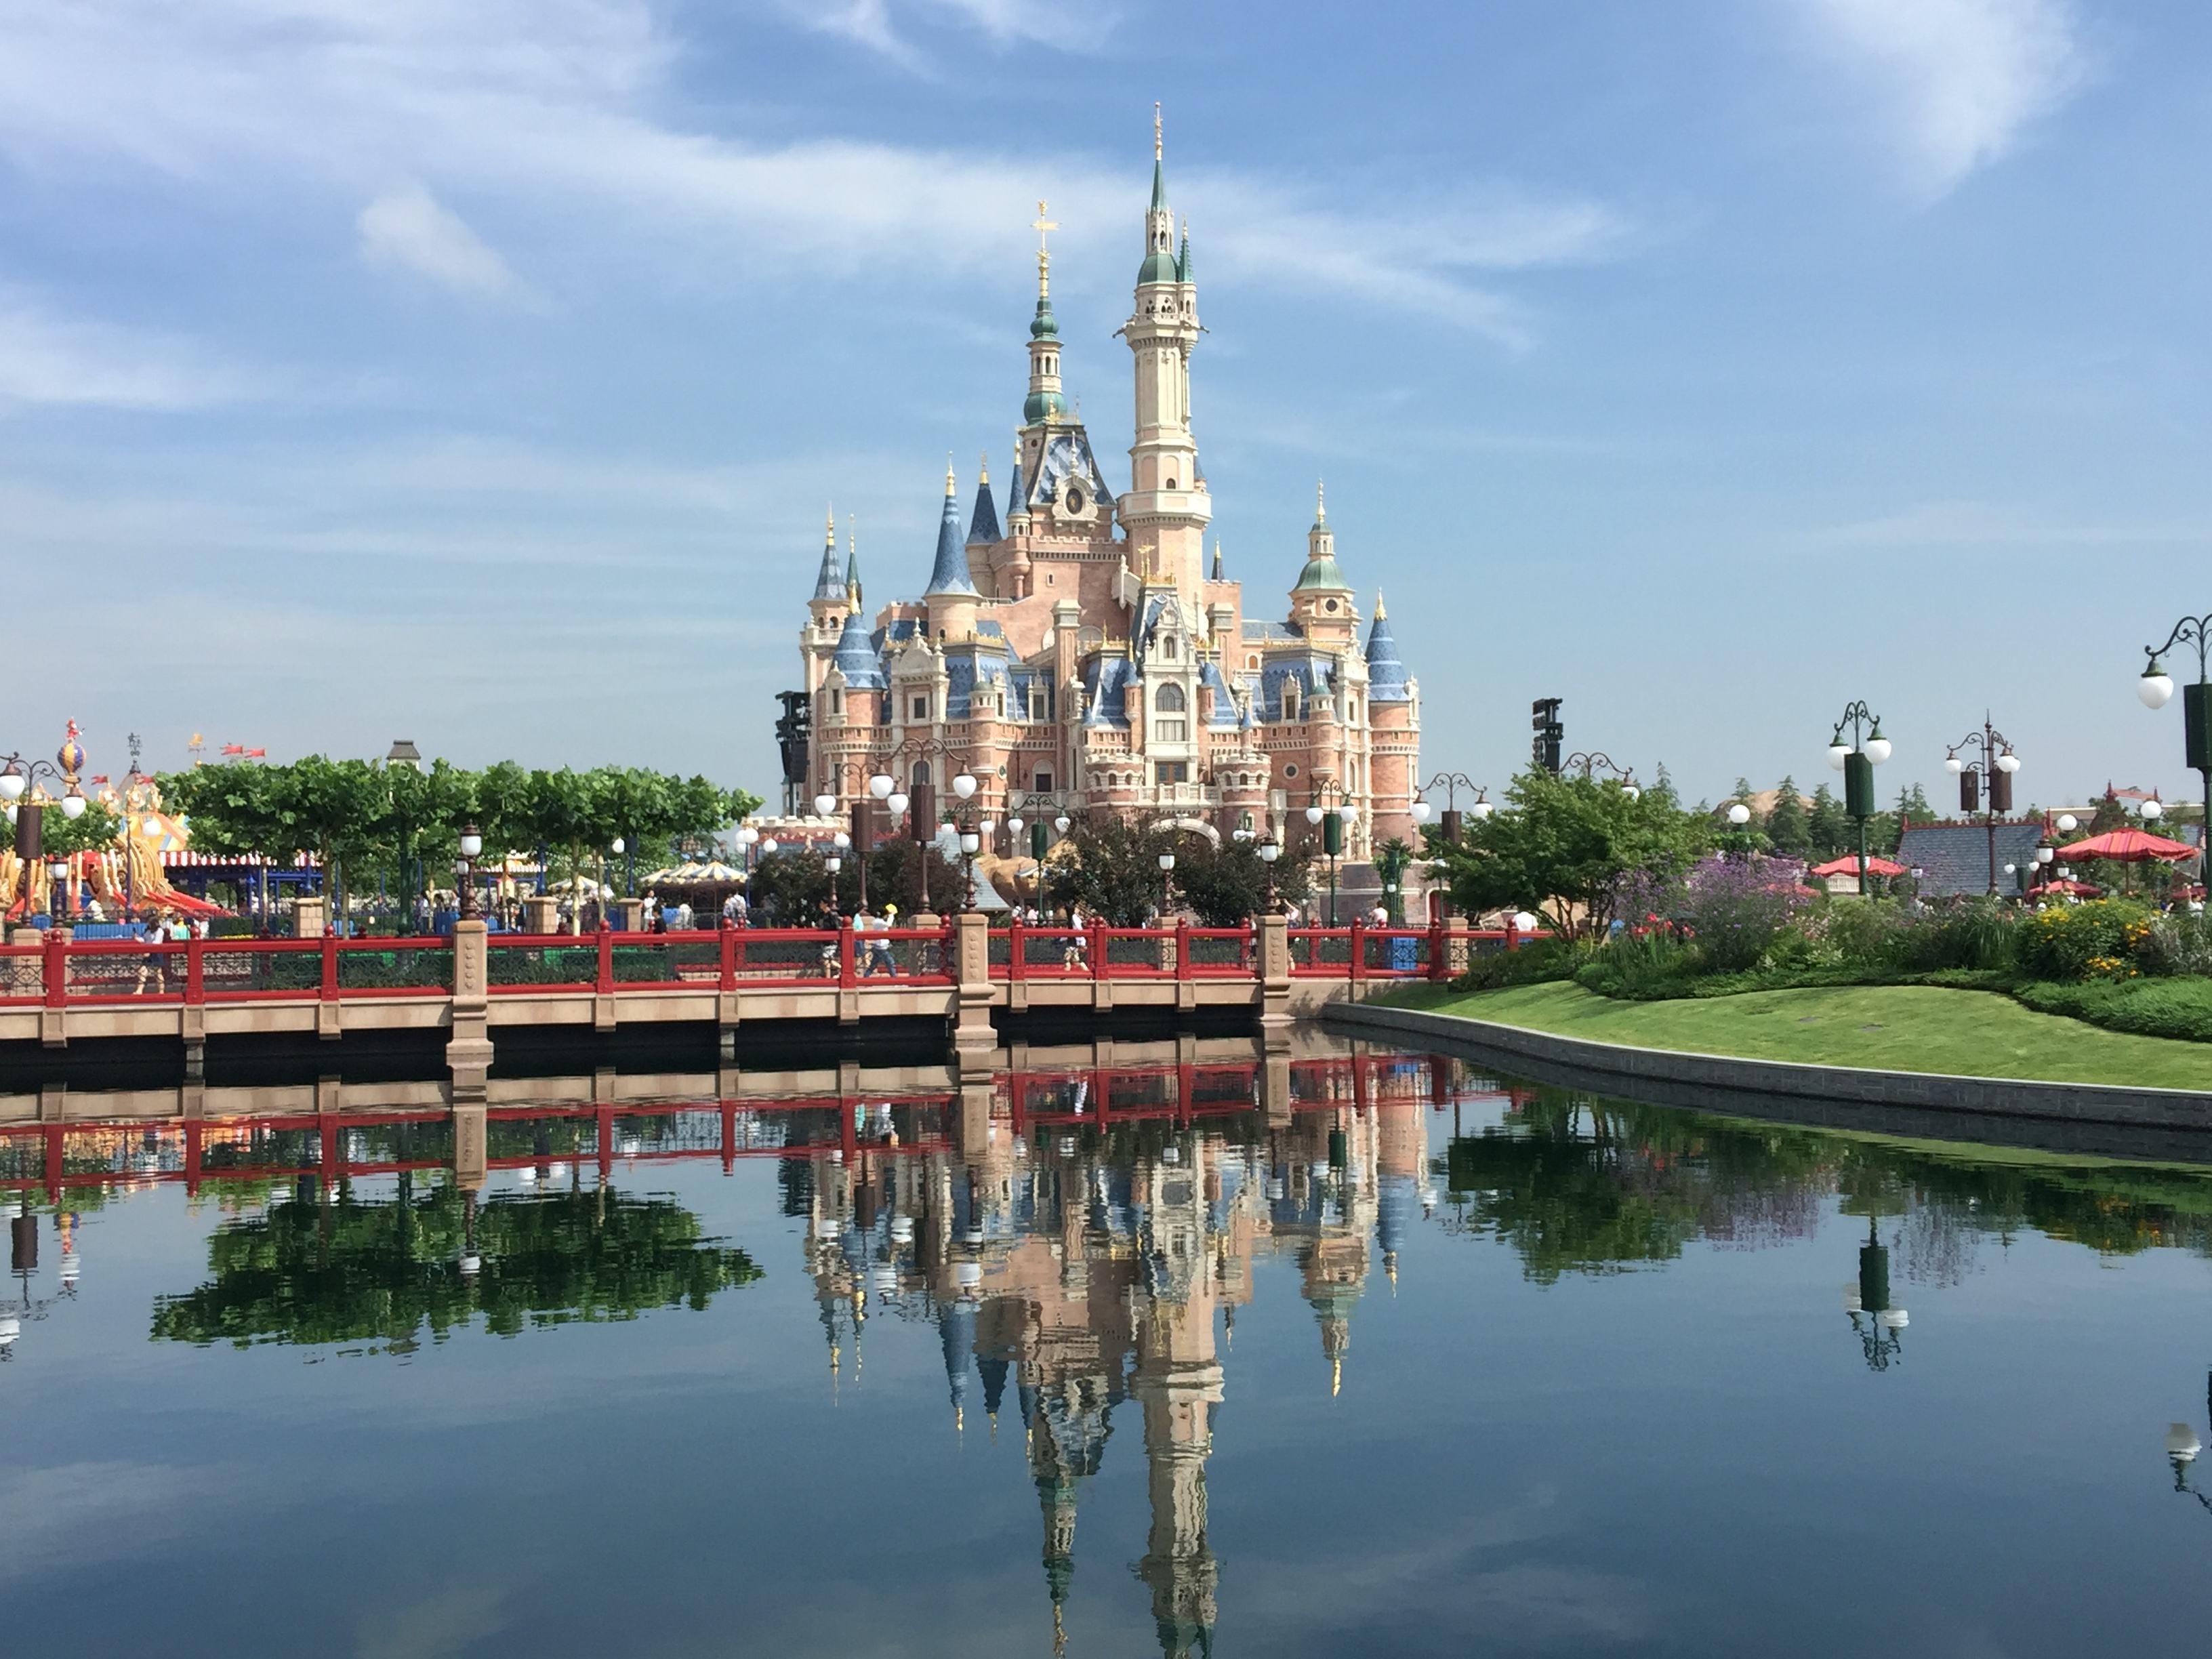 上海迪士尼乐园:游客将可以携带供自己食用的食品进入乐园